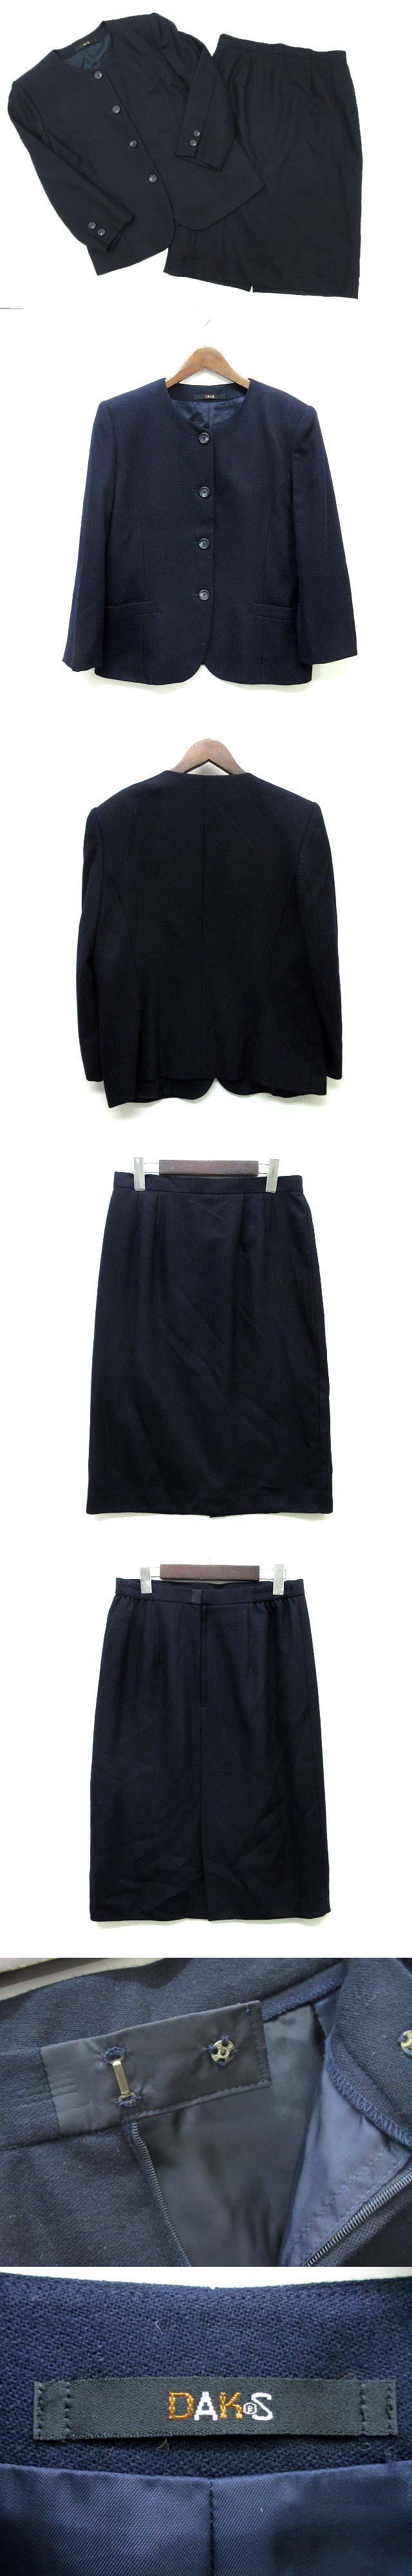 スカート スーツ 上下セット ノーカラー ジャケット タスマニア カシミヤ混 ネイビー 紺 13BR 大きいサイズ